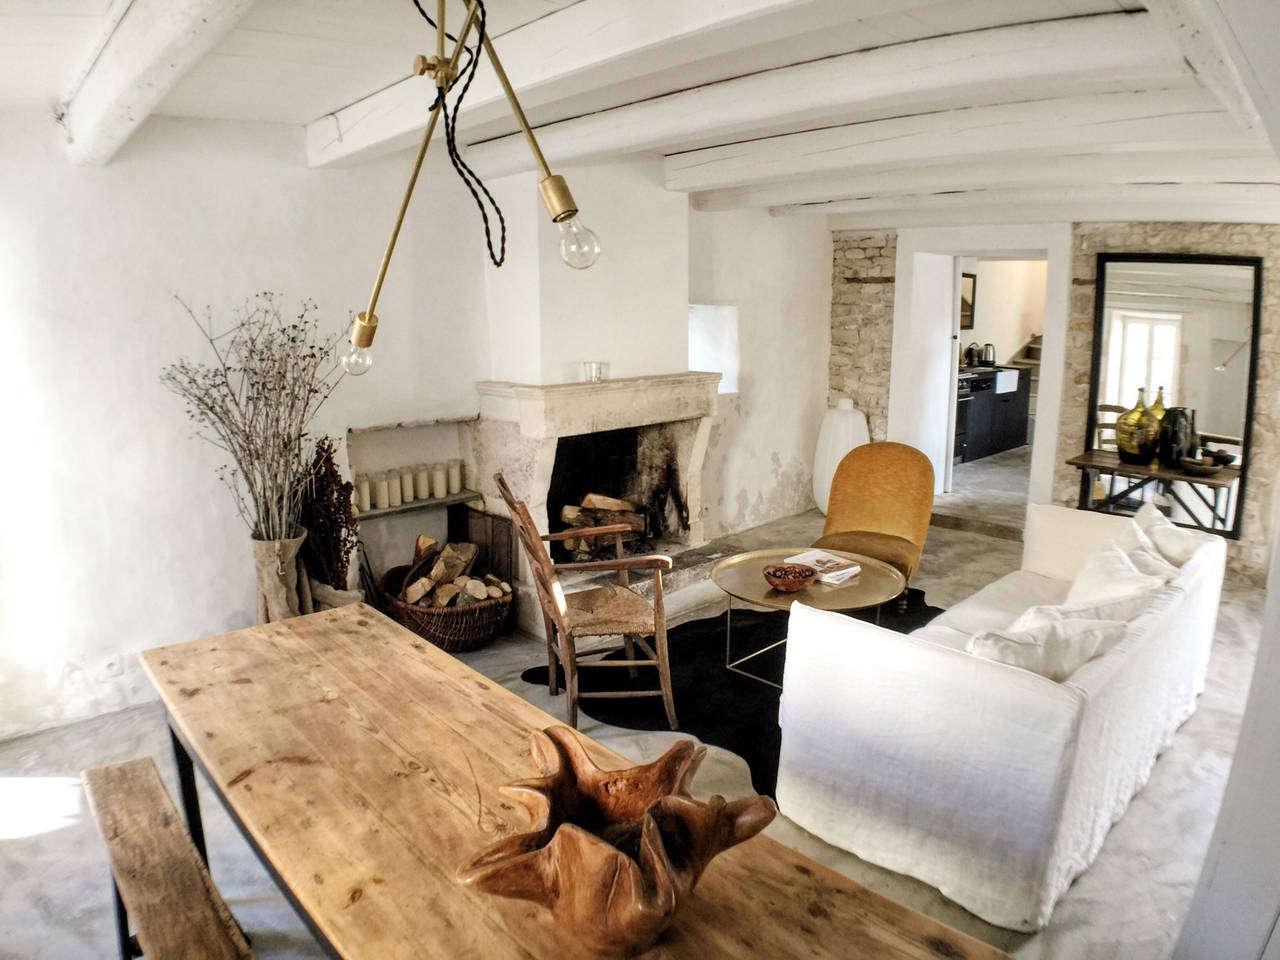 La Maison du Figuier in Poitu Charentes, France